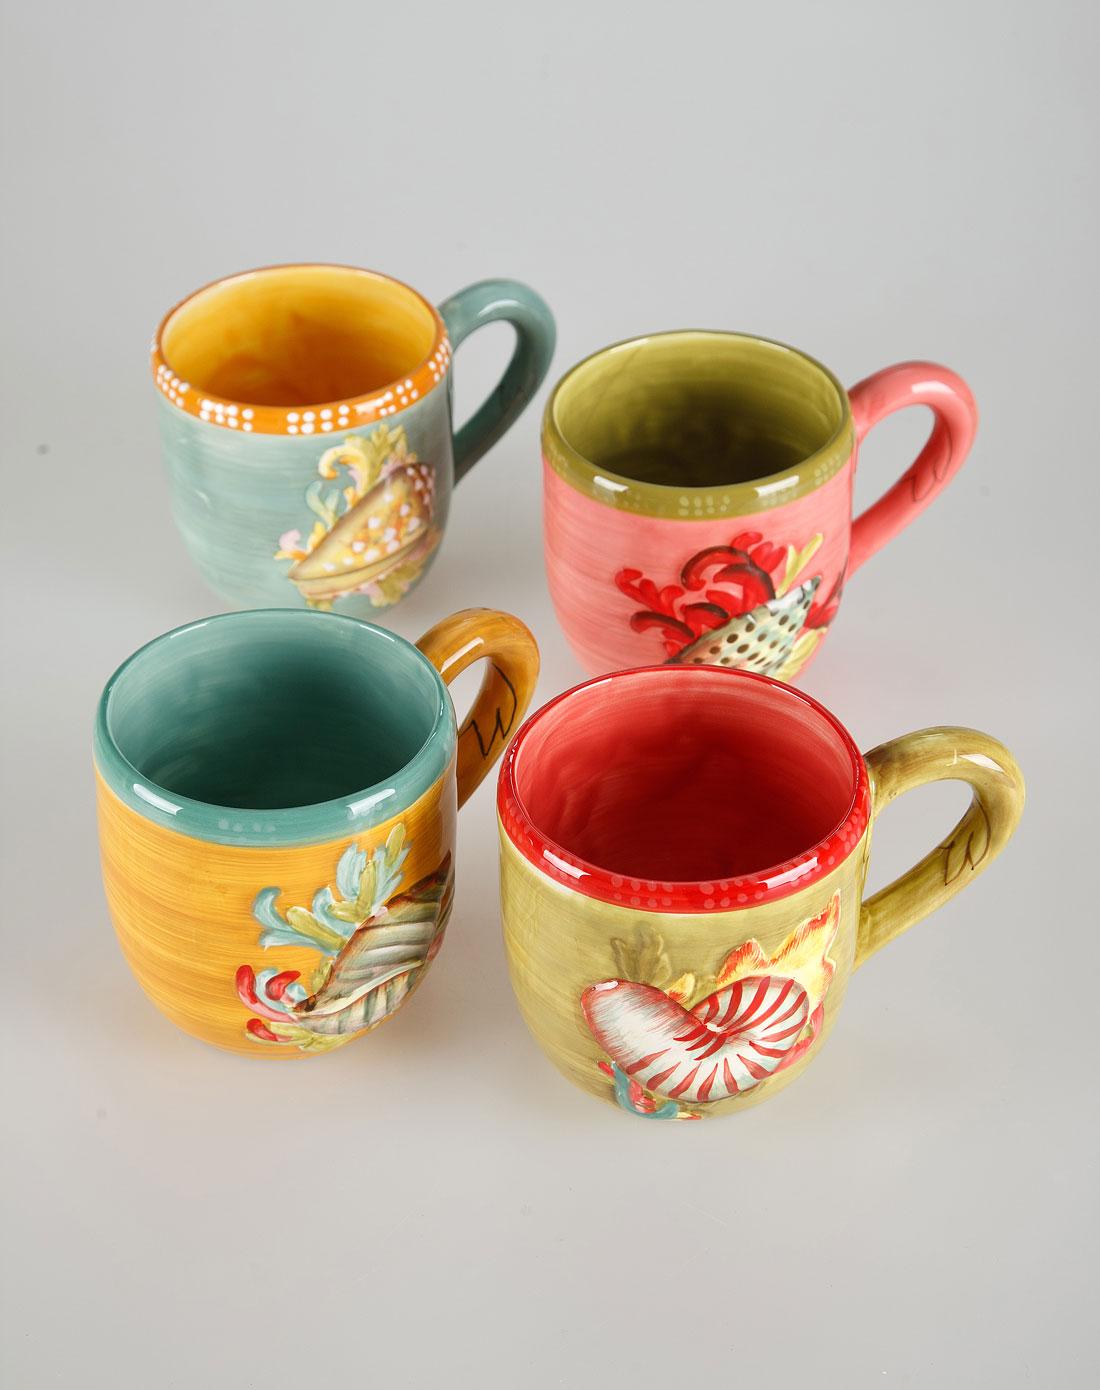 海洋珍奇陶瓷手绘浮雕马克杯四件套